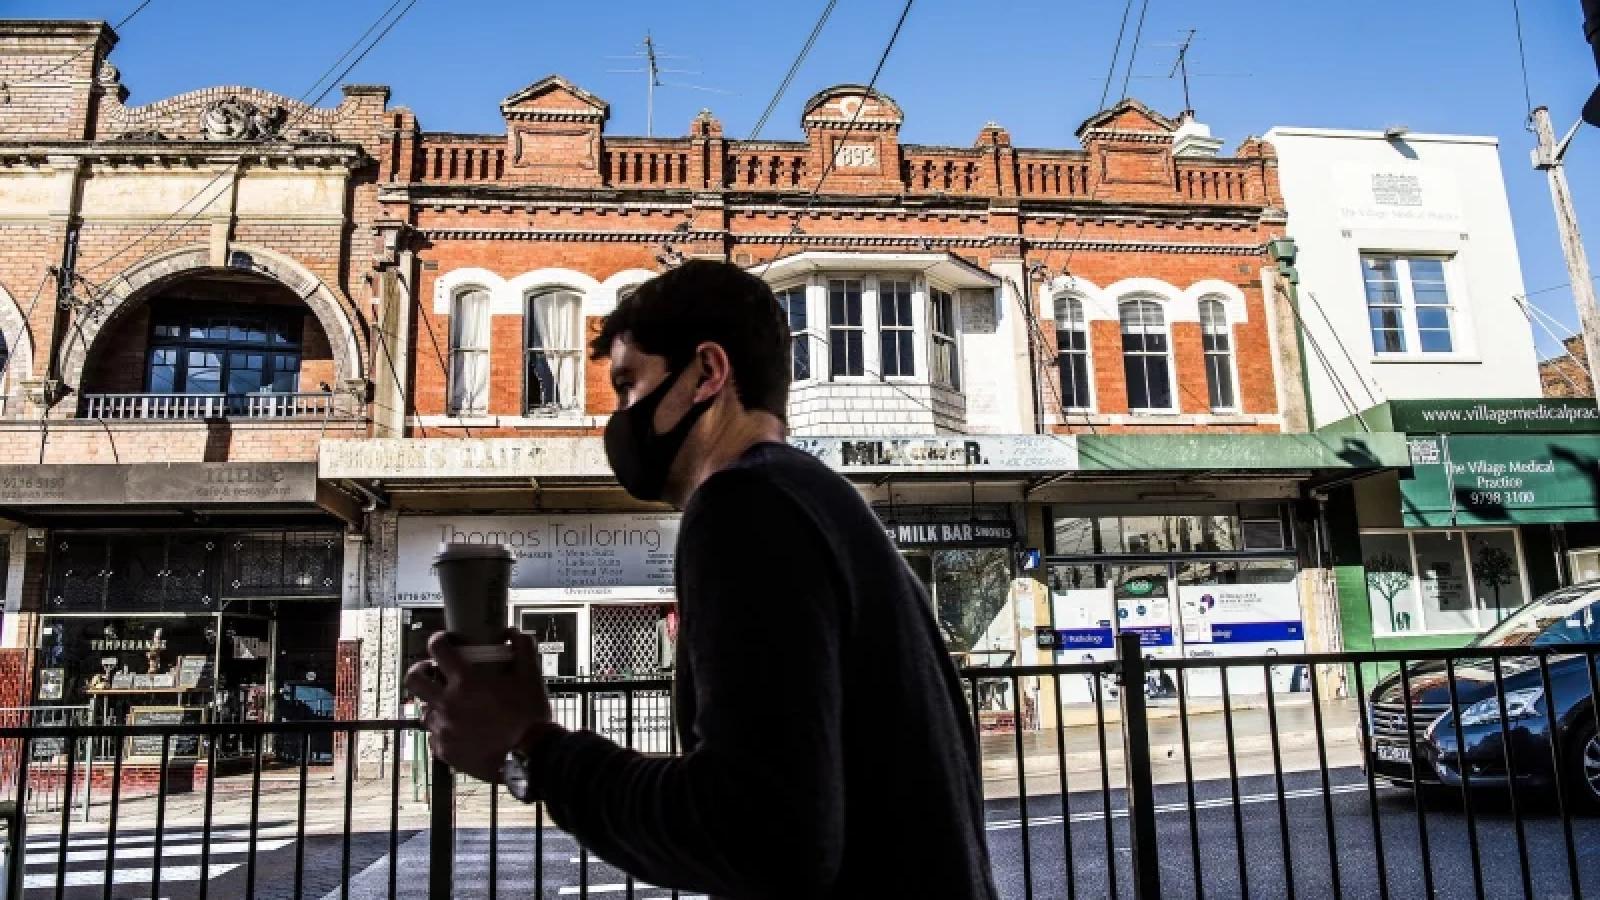 Bang đông dân nhất Australia đặt lộ trình nới lỏng các biện pháp chống dịch COVID-19